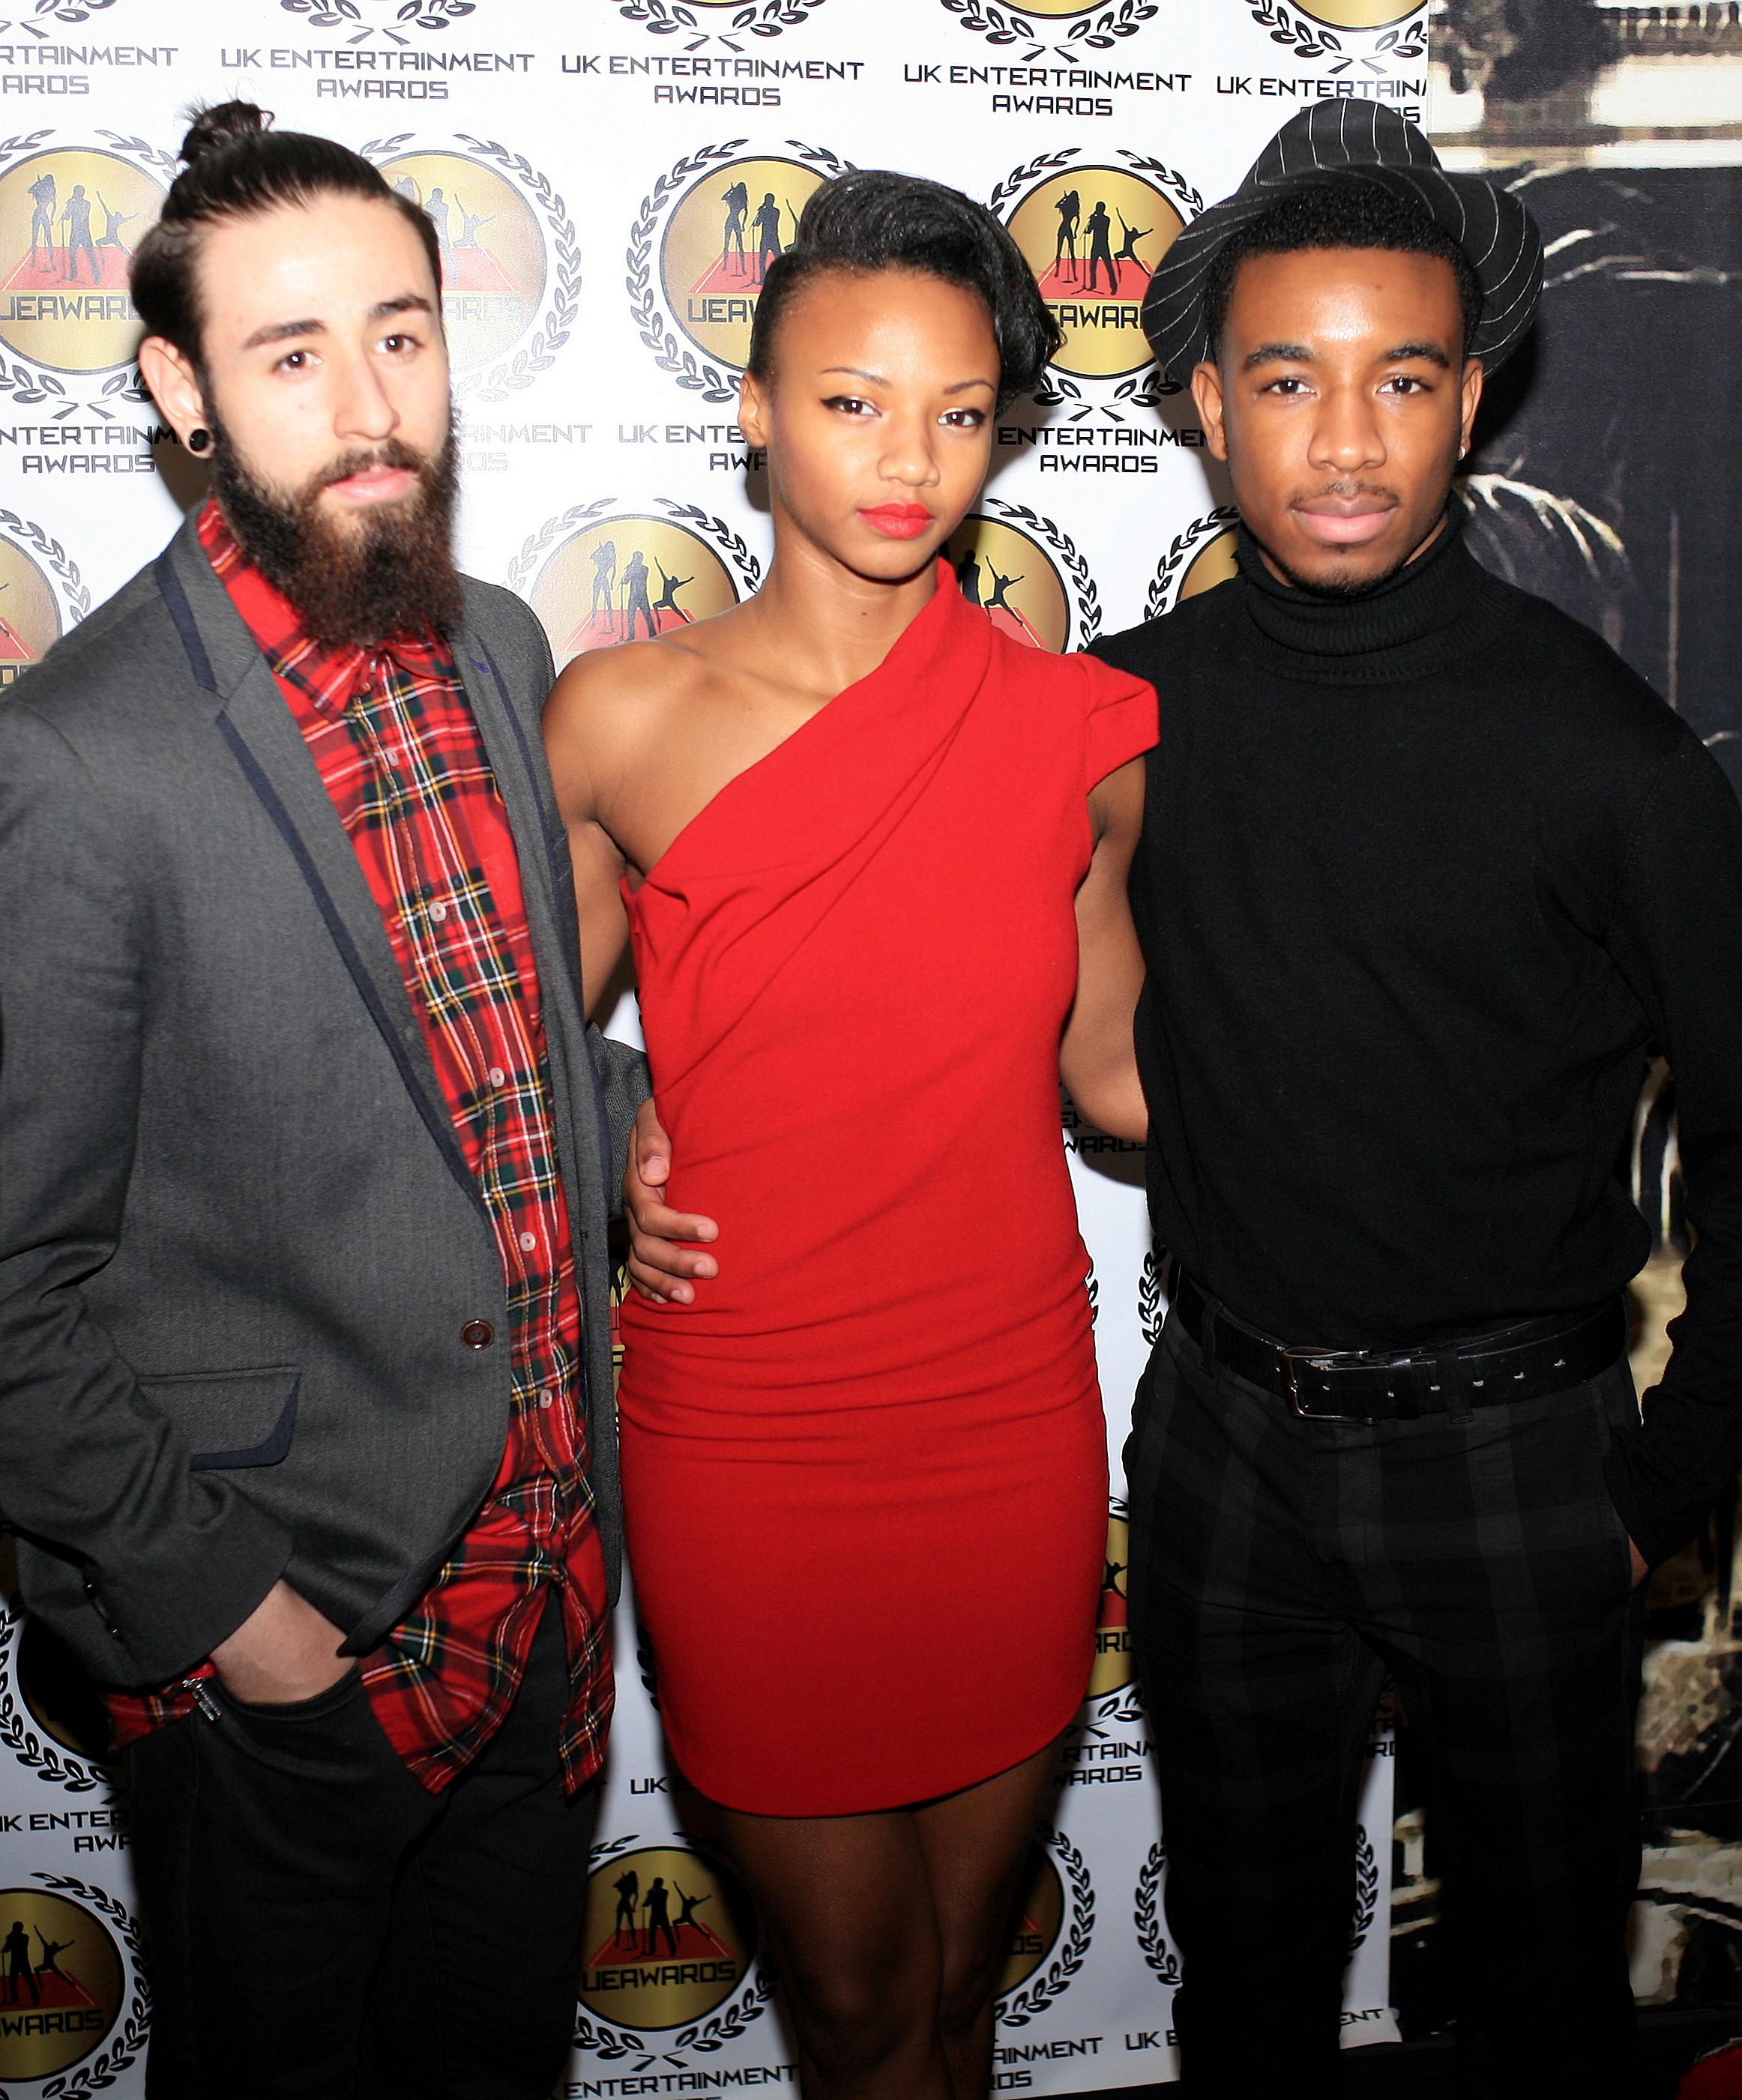 UK Entertainment Awards 19.JPG